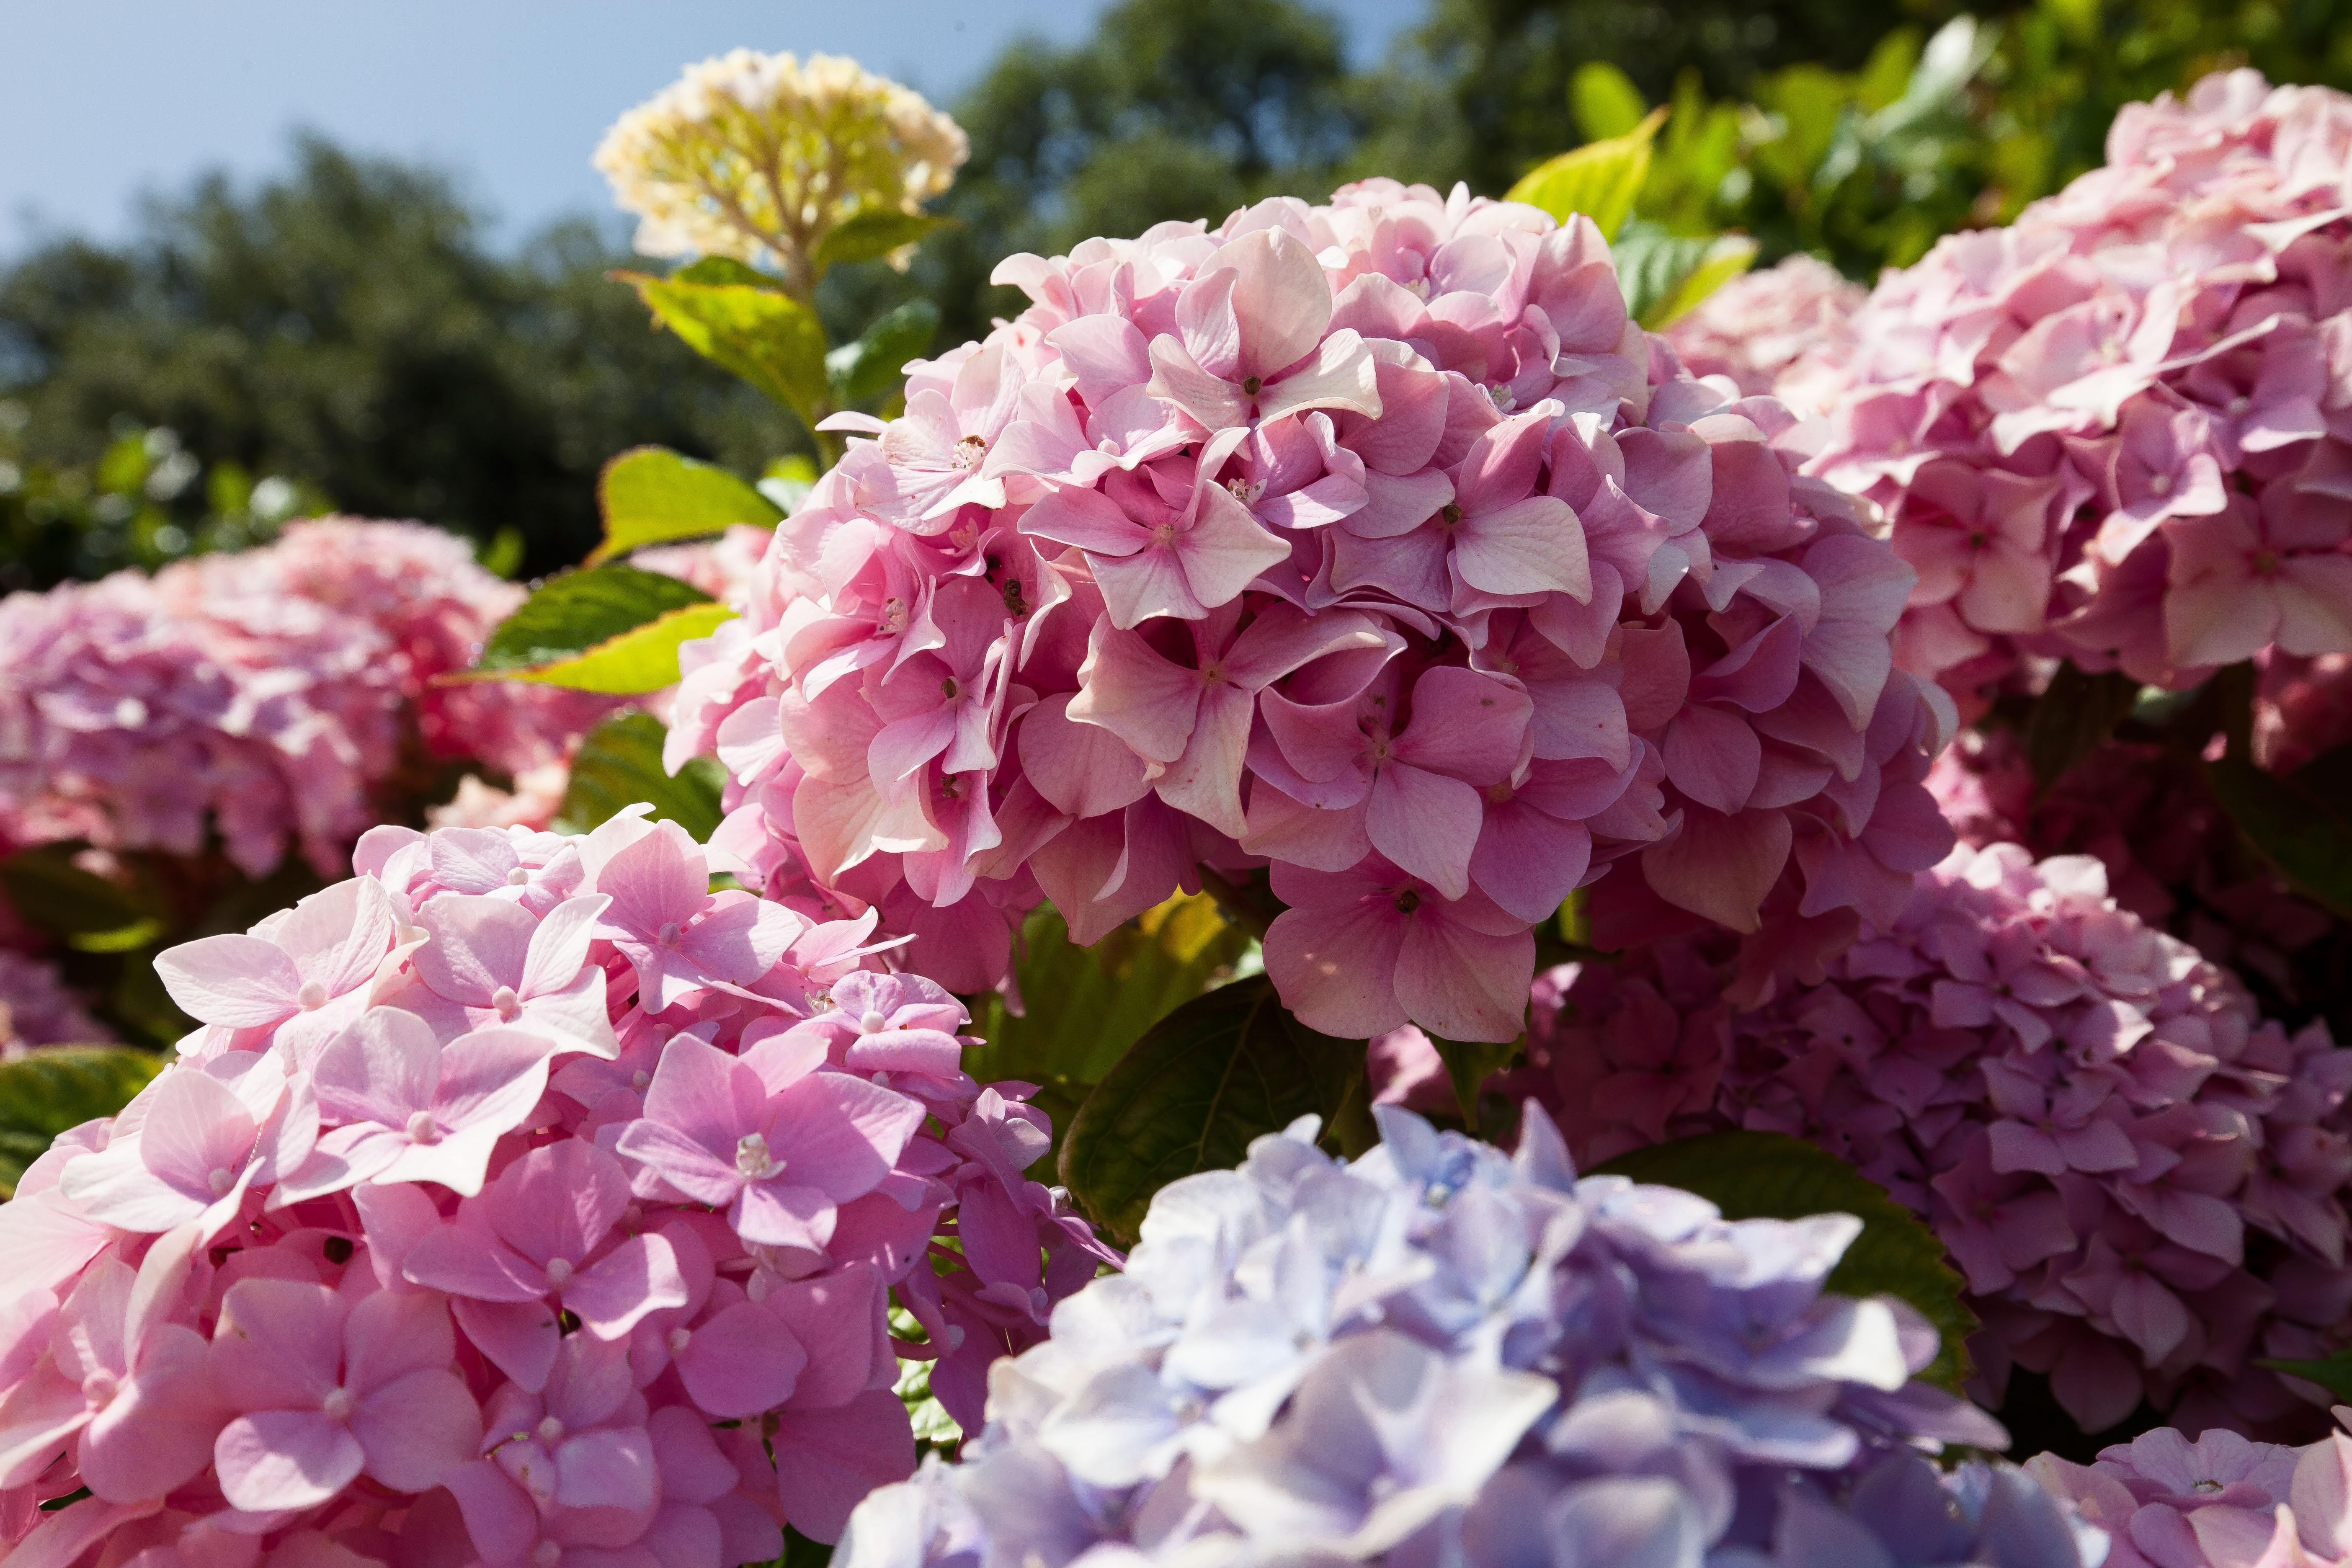 arbustos plantas de hortensias cornales planta anual planta de tierra mostrar flores spalos de colores x